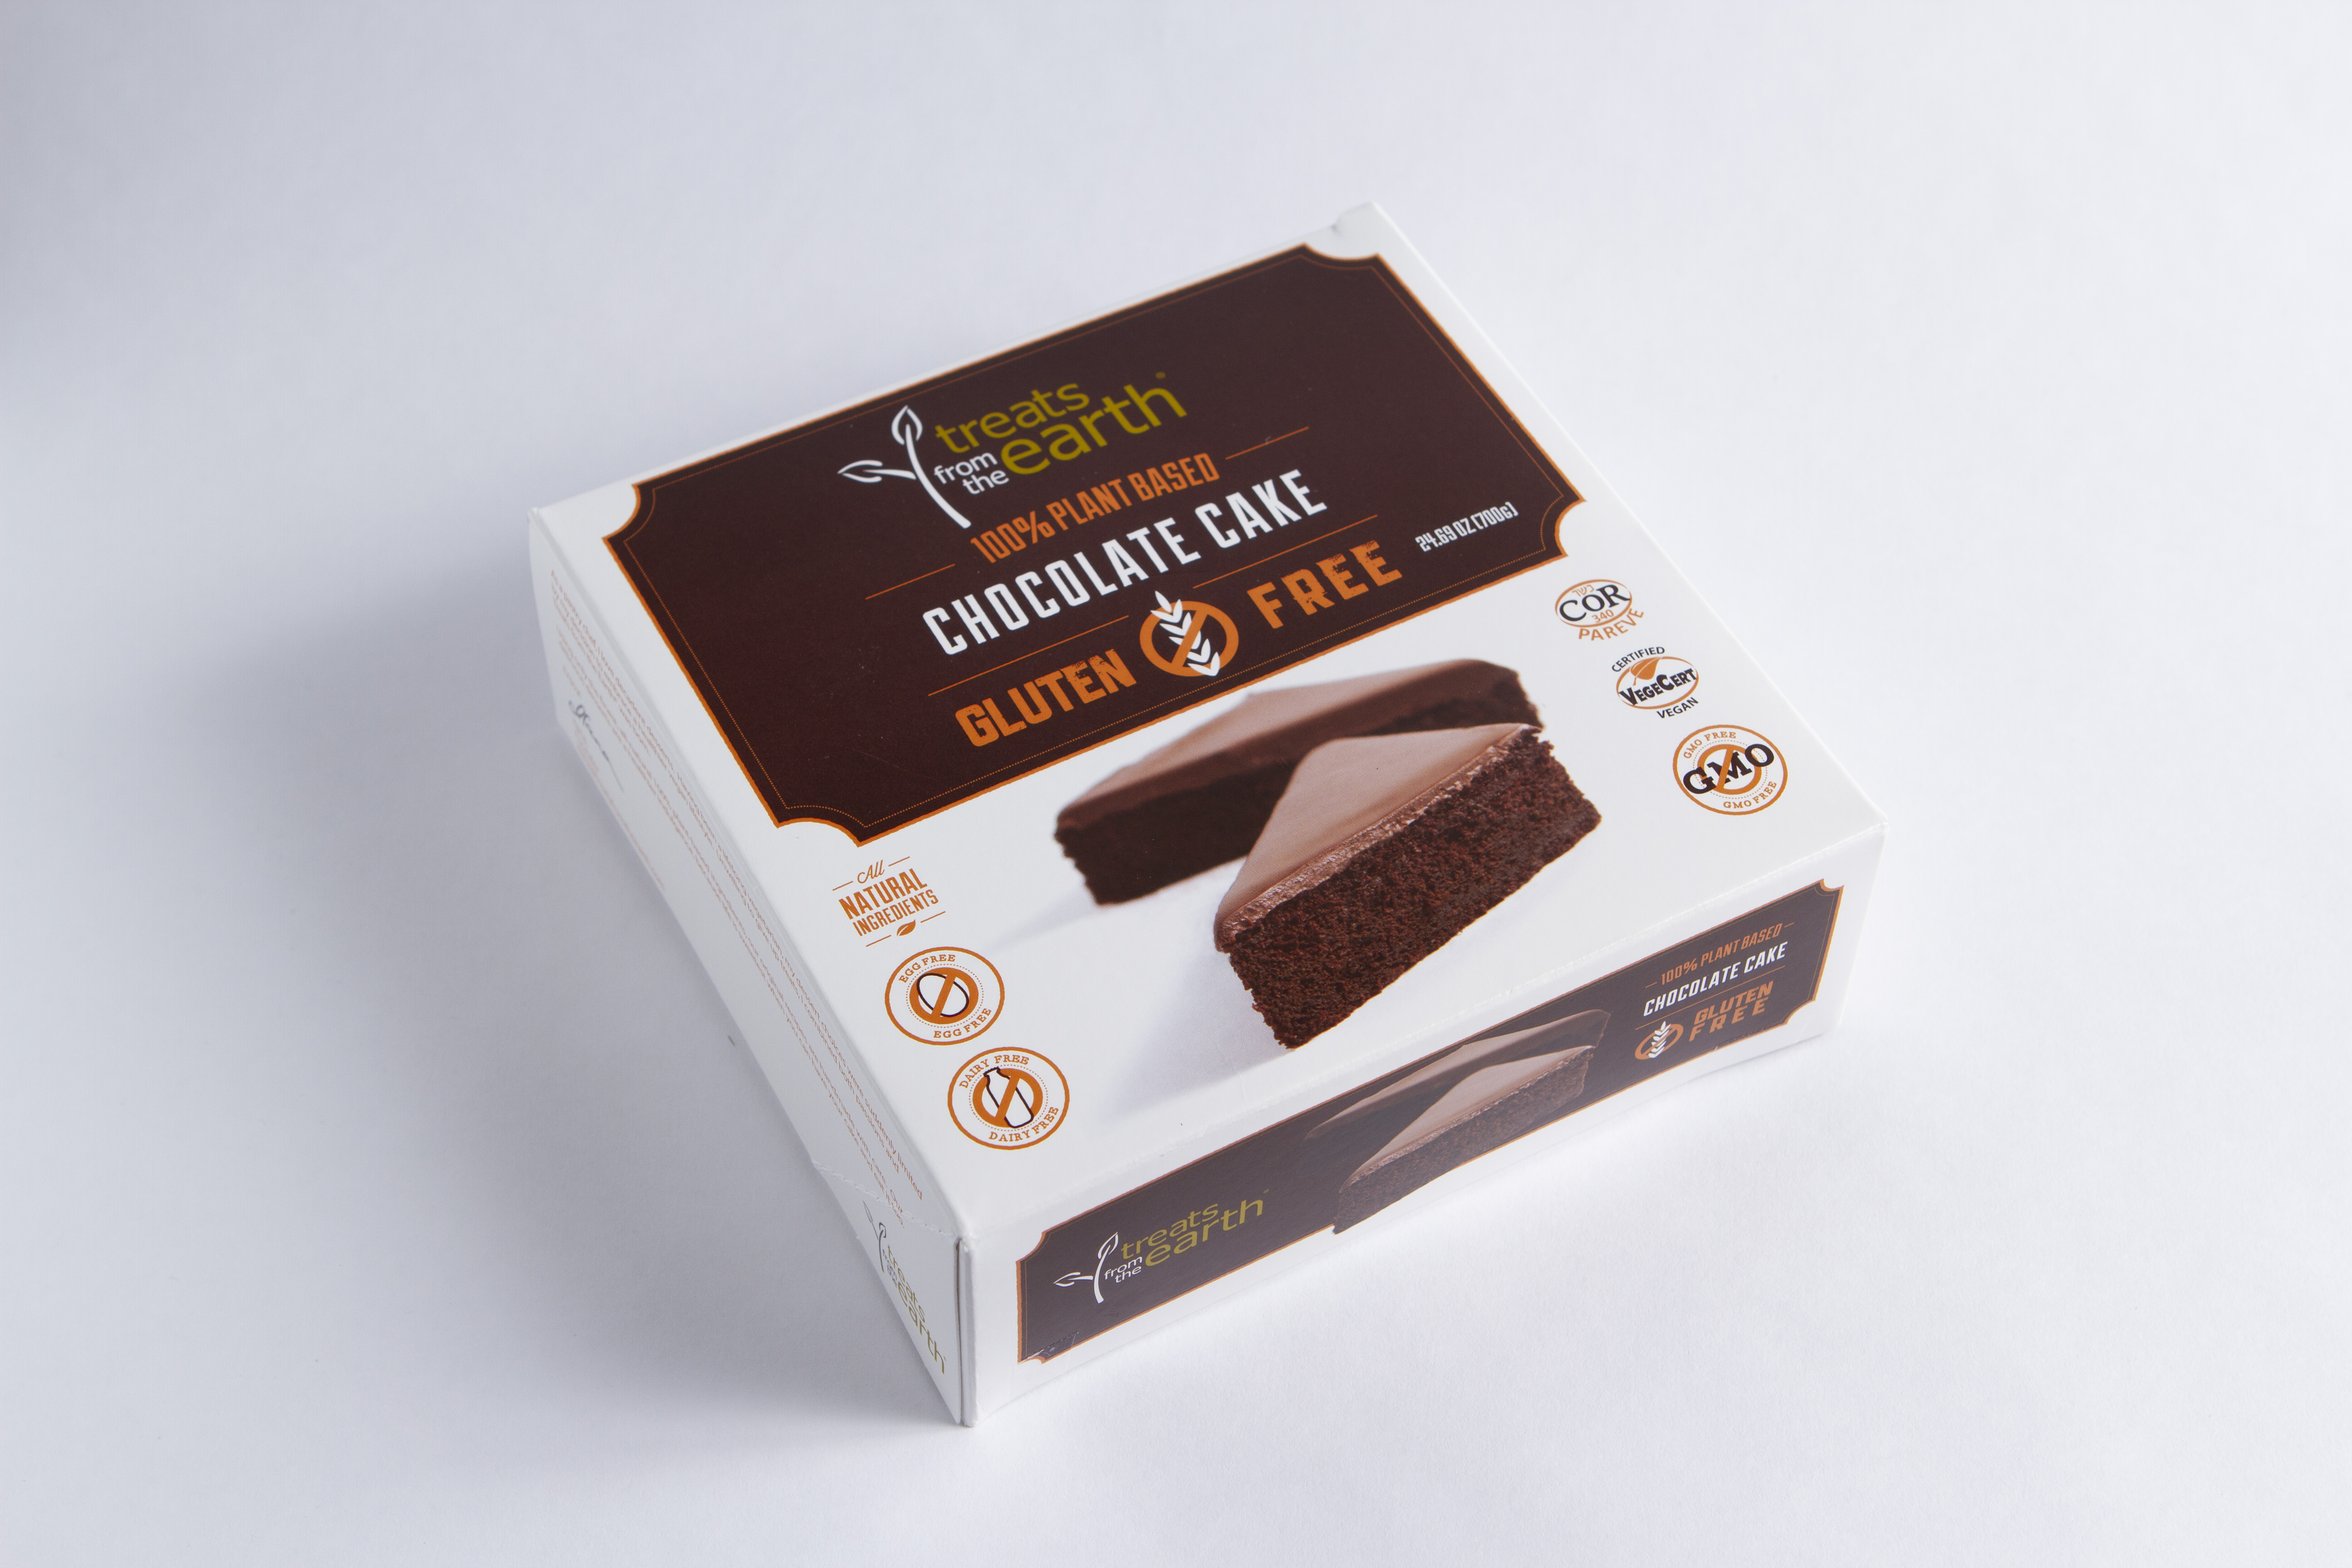 834633000997 - TFTE GF Chocolate Cake Pan 700g